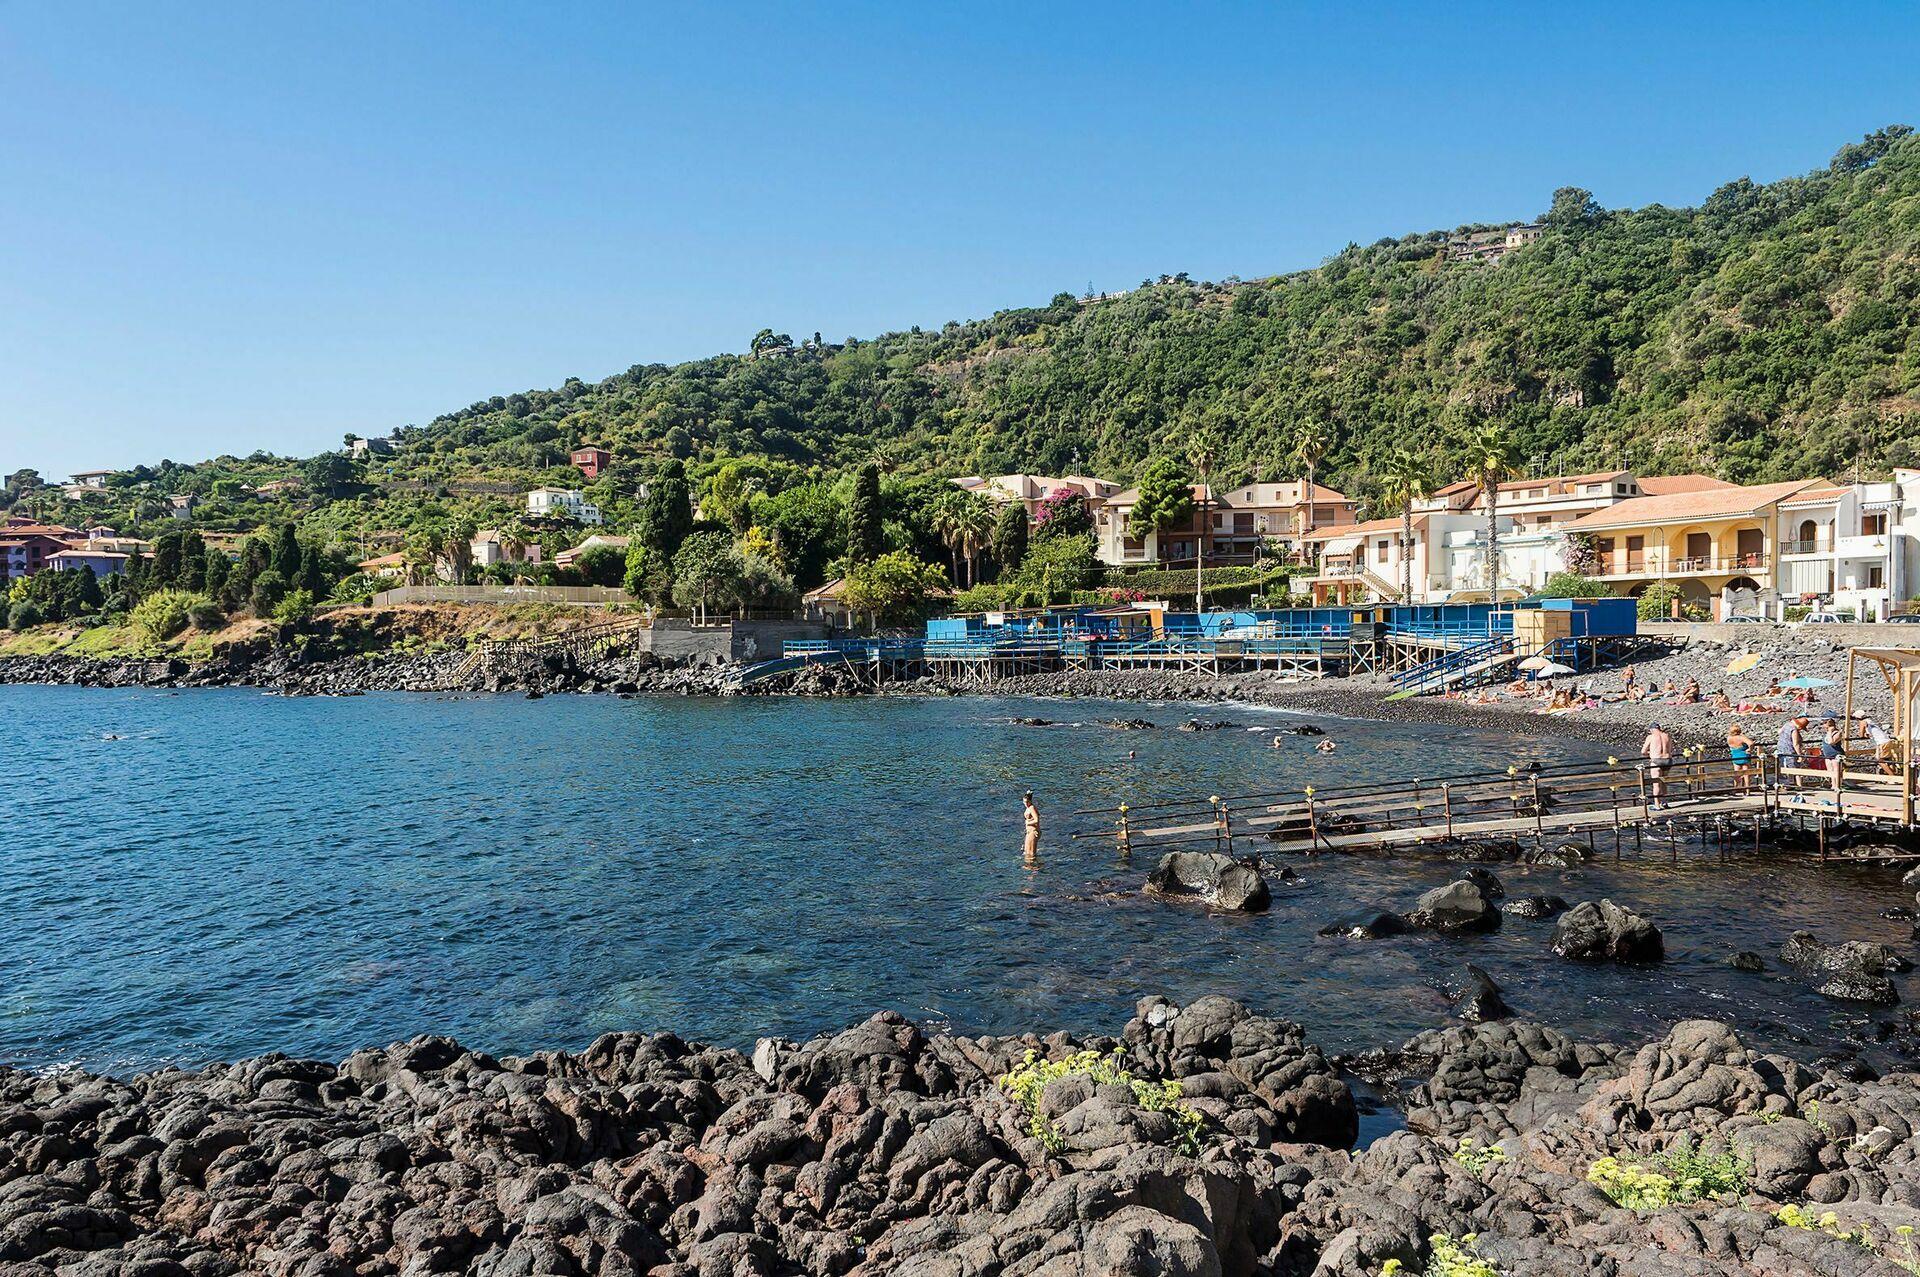 Villa timpa villa di lusso sul mare in affitto ad acireale sicilia casa vacanze sul mare con - Affitto casa vacanze sicilia con piscina ...